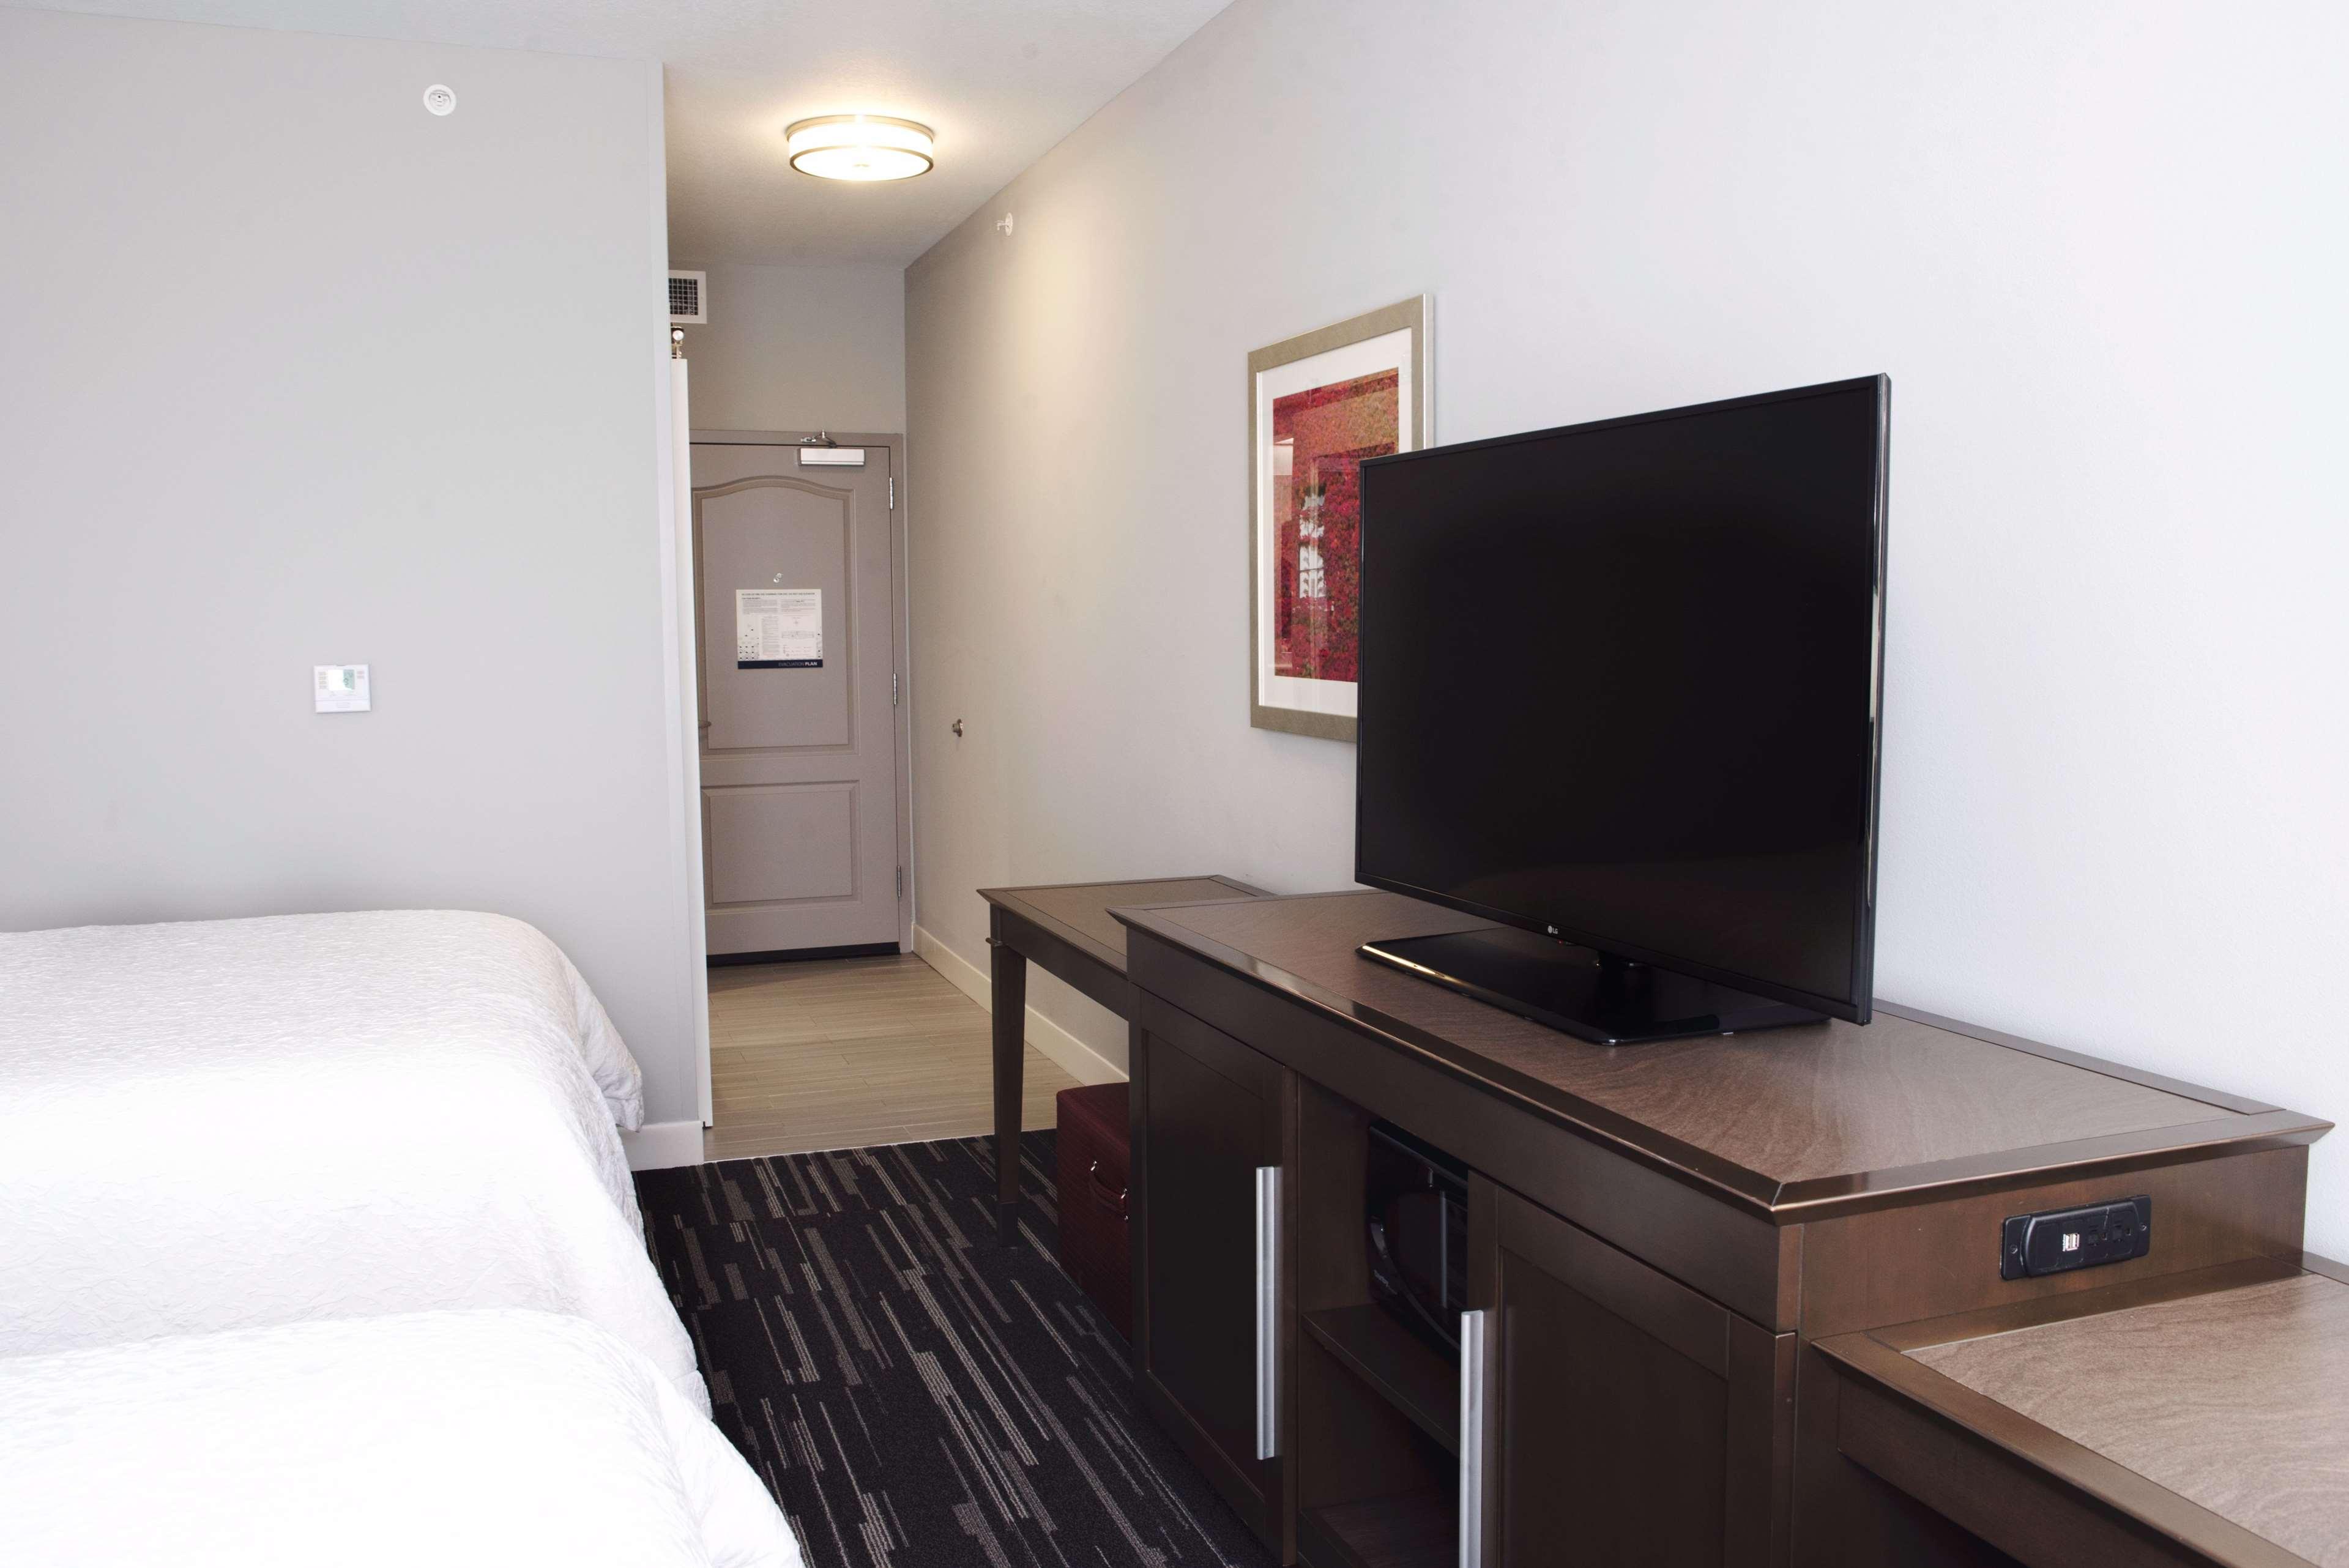 Hampton Inn & Suites Des Moines/Urbandale image 24